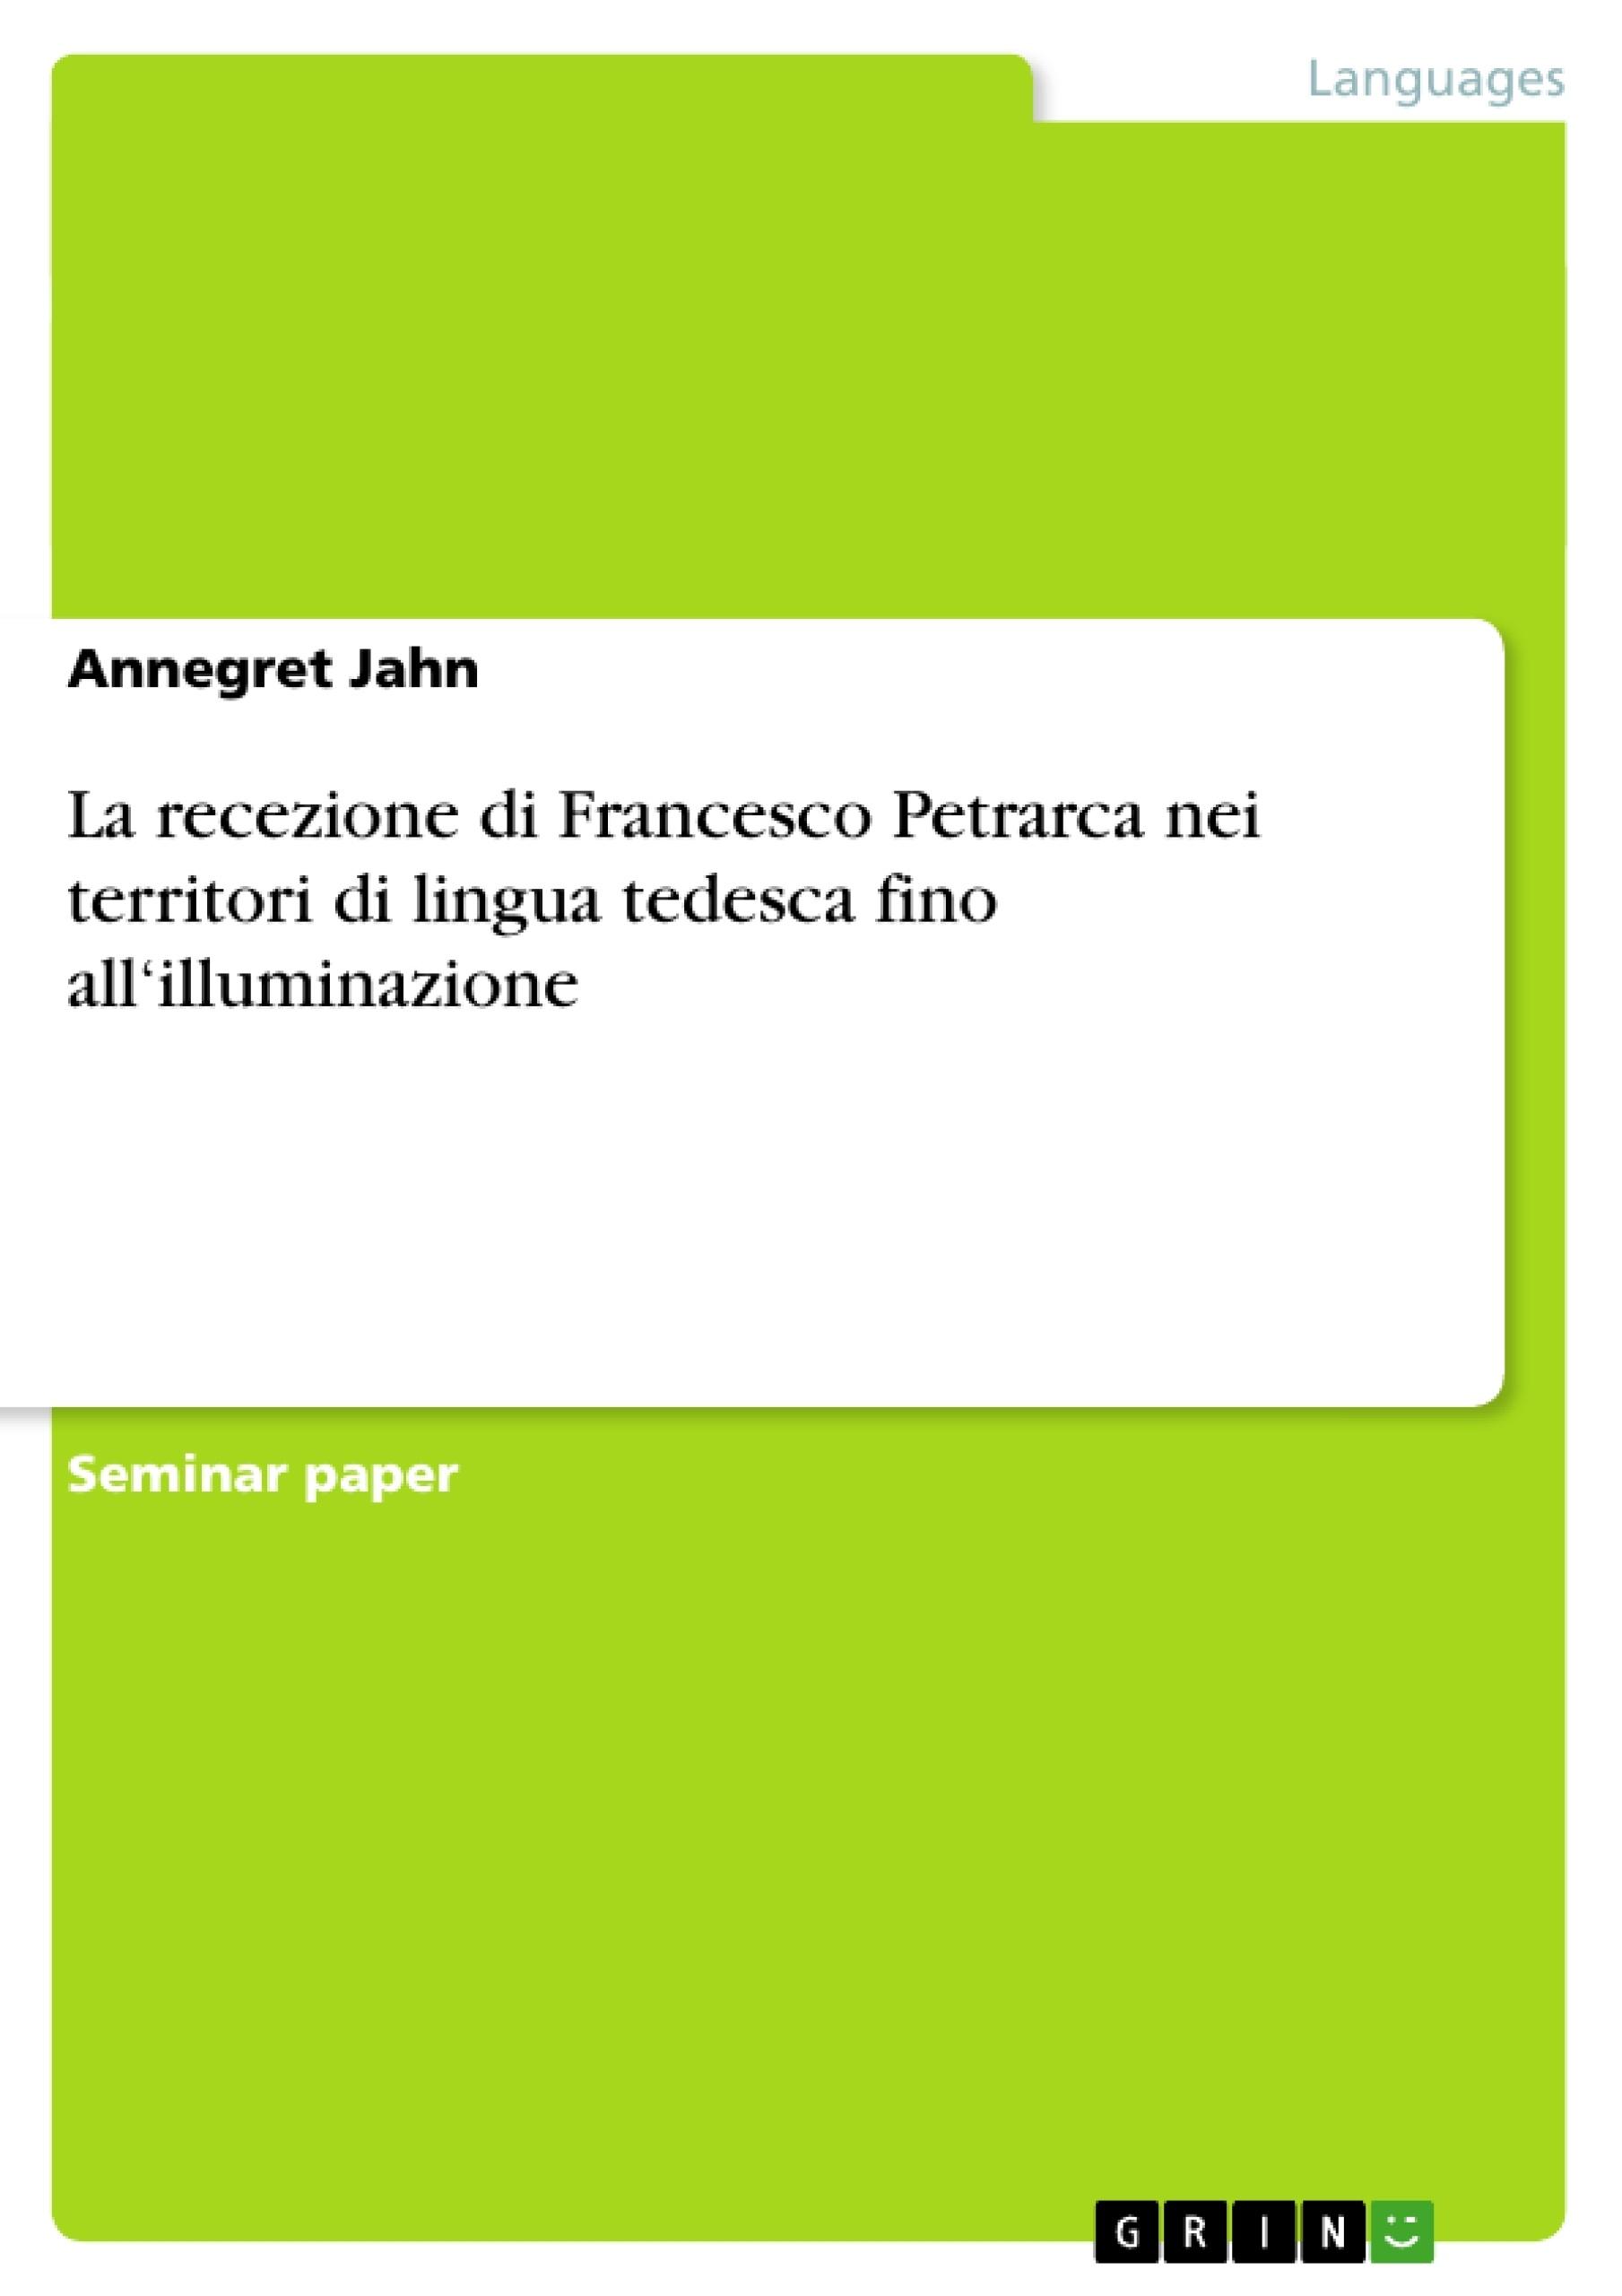 Title: La recezione di Francesco Petrarca nei territori di lingua tedesca fino all'illuminazione